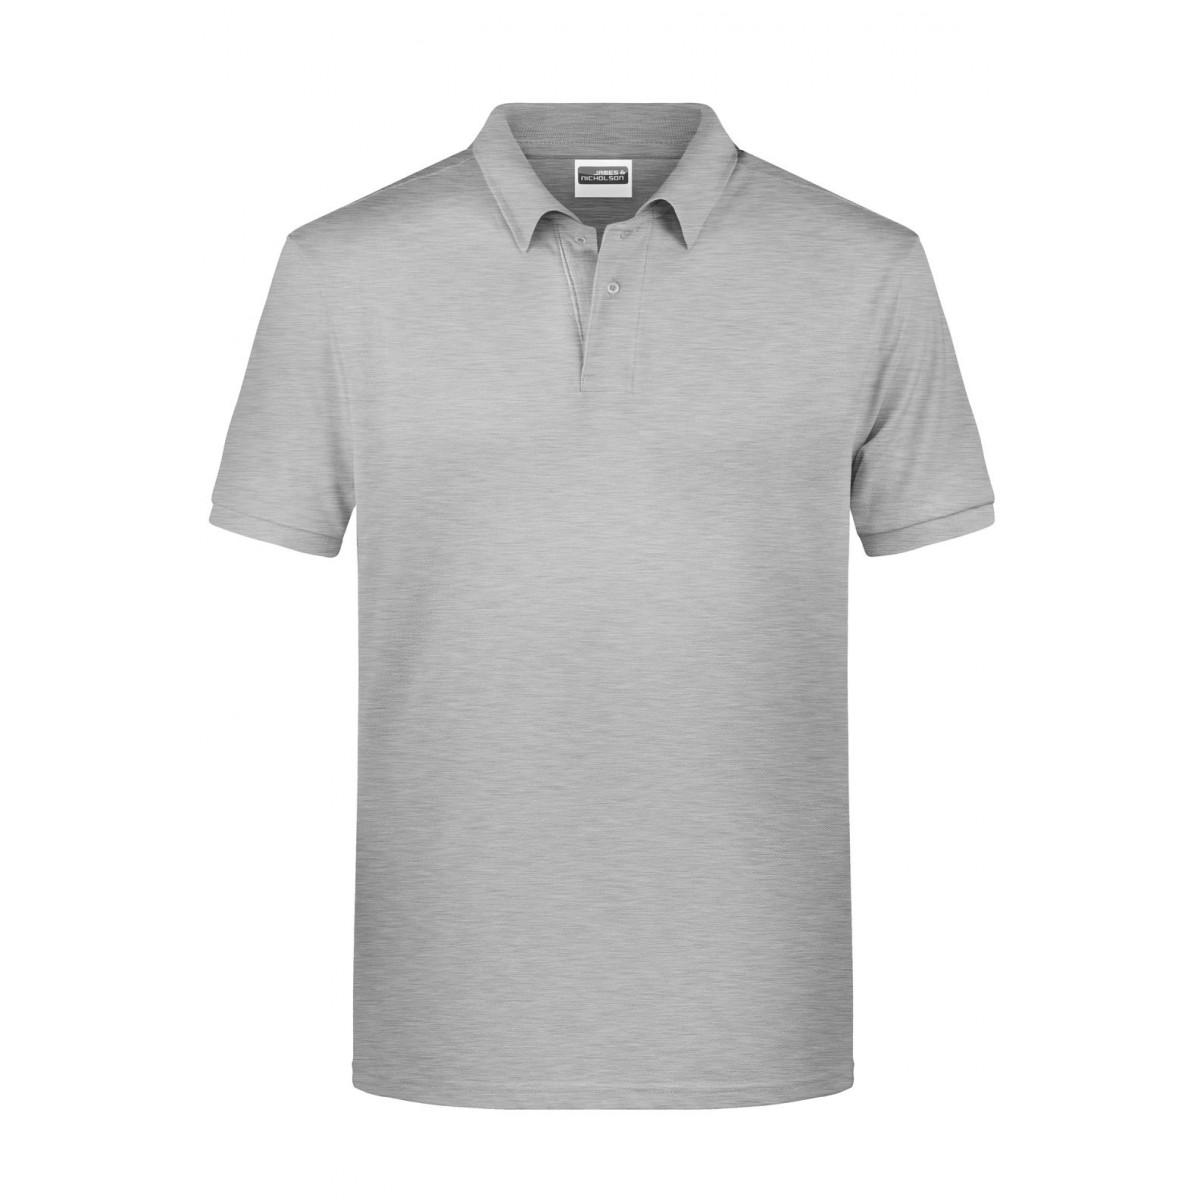 Рубашка поло мужская 8010 Mens Basic Polo - Серый меланж